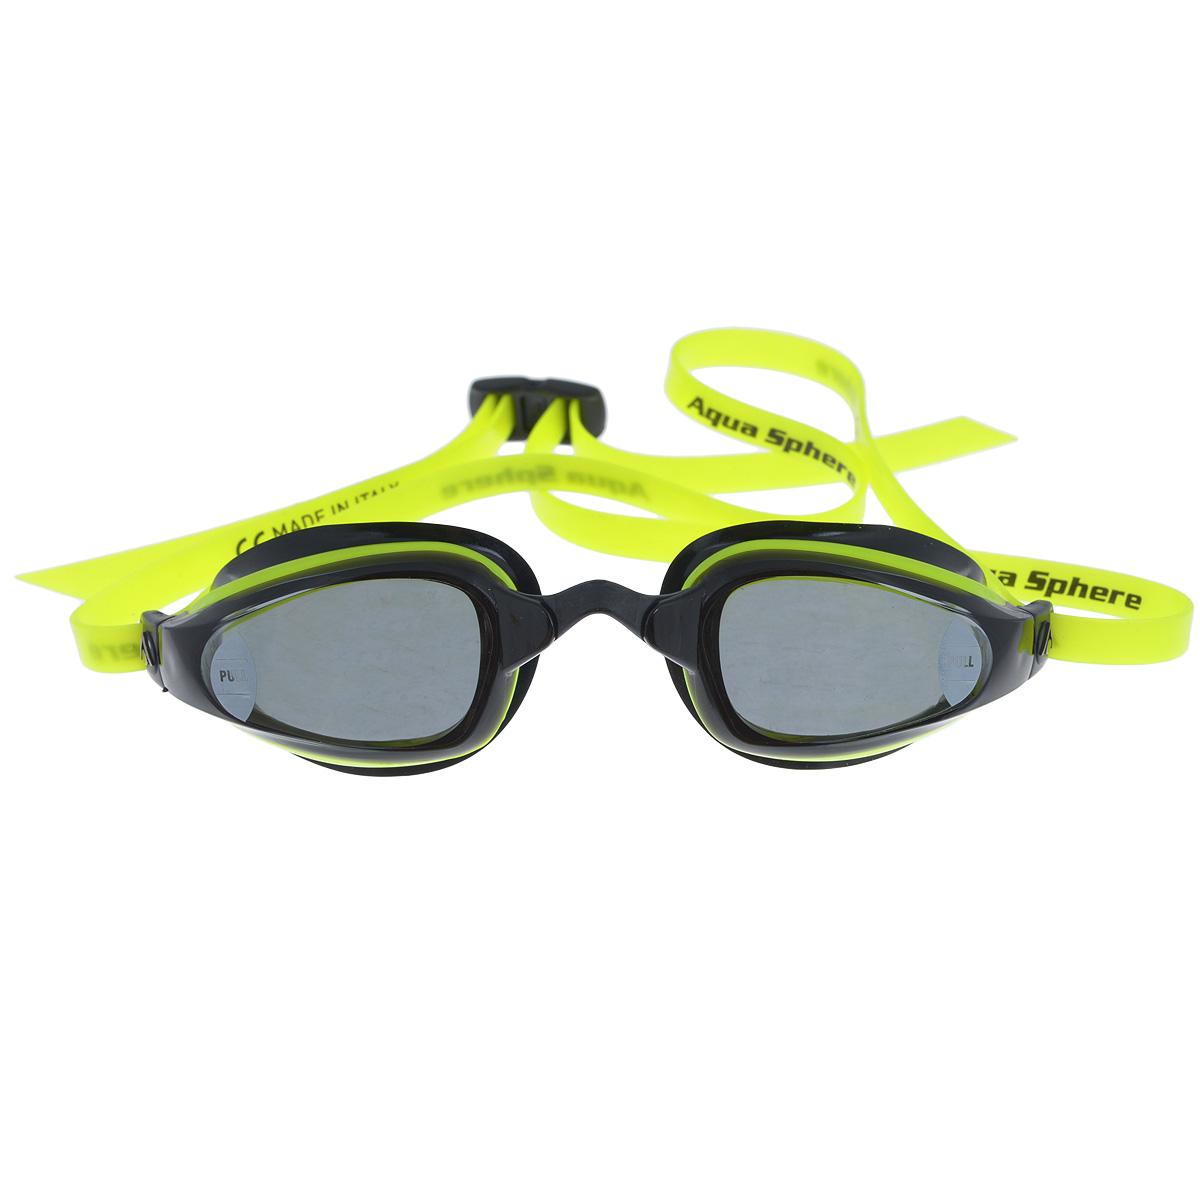 Очки для плавания Aqua Sphere K180, цвет: желтый, черныйTN 173260Aqua Sphere K180 - это первые очки для скоростного плавания, обладающие панорамным обзором в 180°, который достигается благодаря очень близкому расположению линз к глазам. Благодаря сменным перемычкам можно менять расстояние между линзами. Очки дают 100% защиту от ультрафиолетового излучения. В комплекте 3 сменных перемычки.